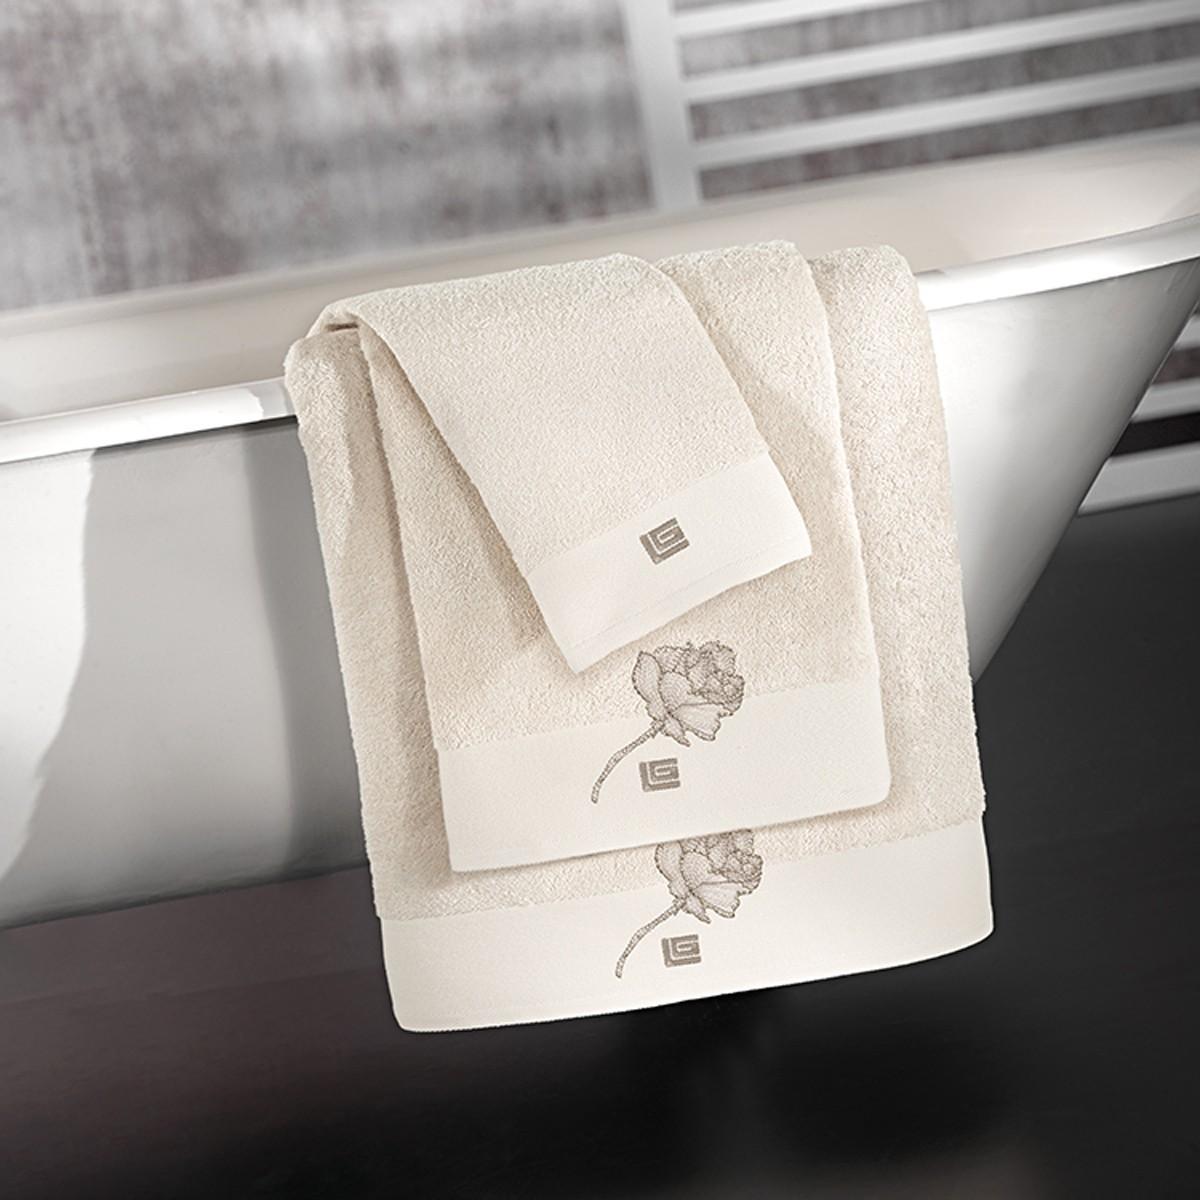 Πετσέτες Μπάνιου (Σετ) Guy Laroche Celia Ivory home   μπάνιο   πετσέτες μπάνιου